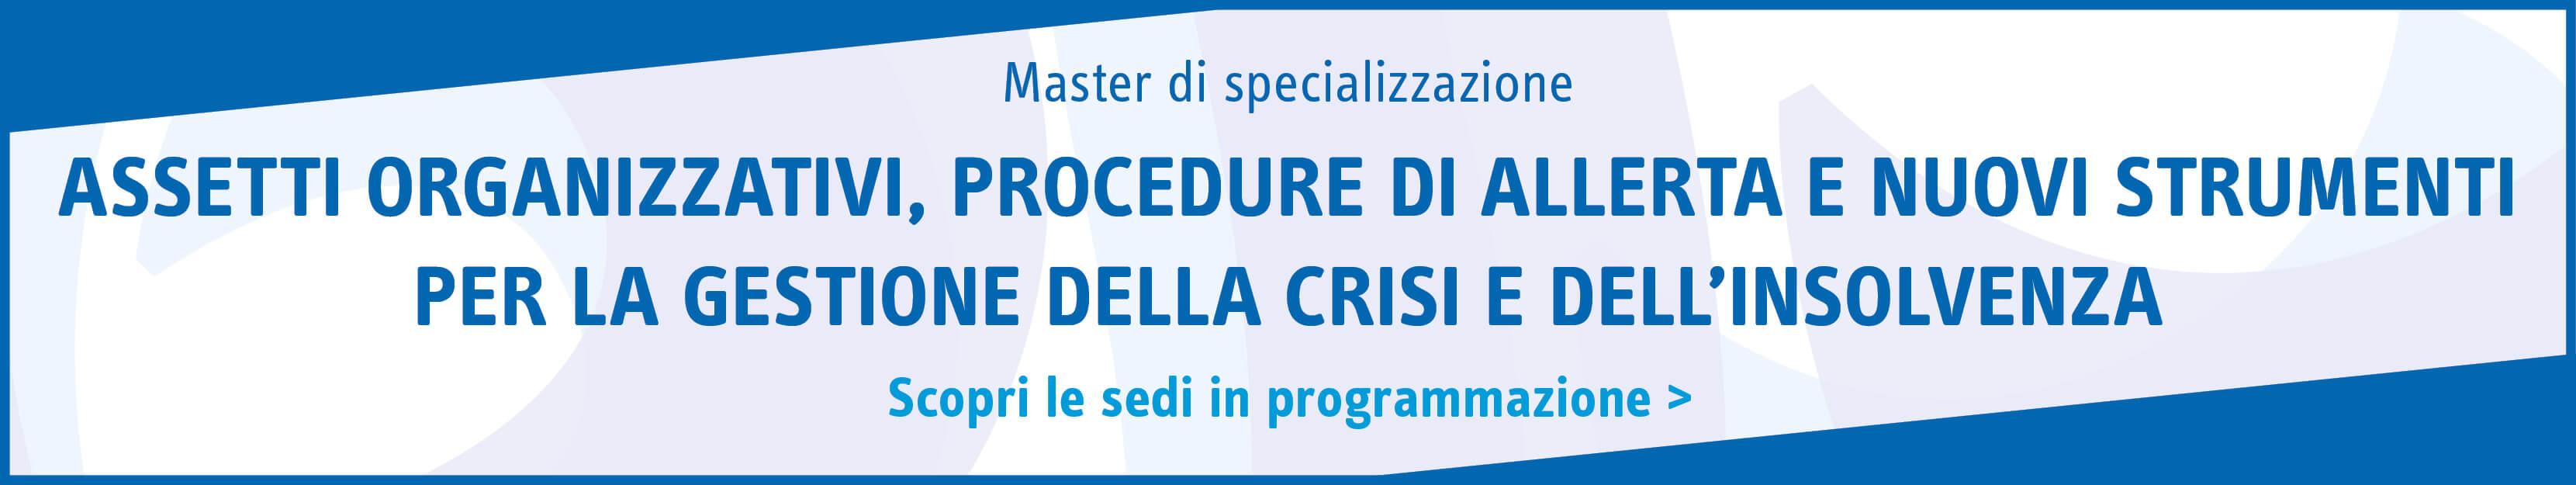 Assetti organizzativi, procedure di allerta e nuovi strumenti per la gestione della crisi e dell'insolvenza